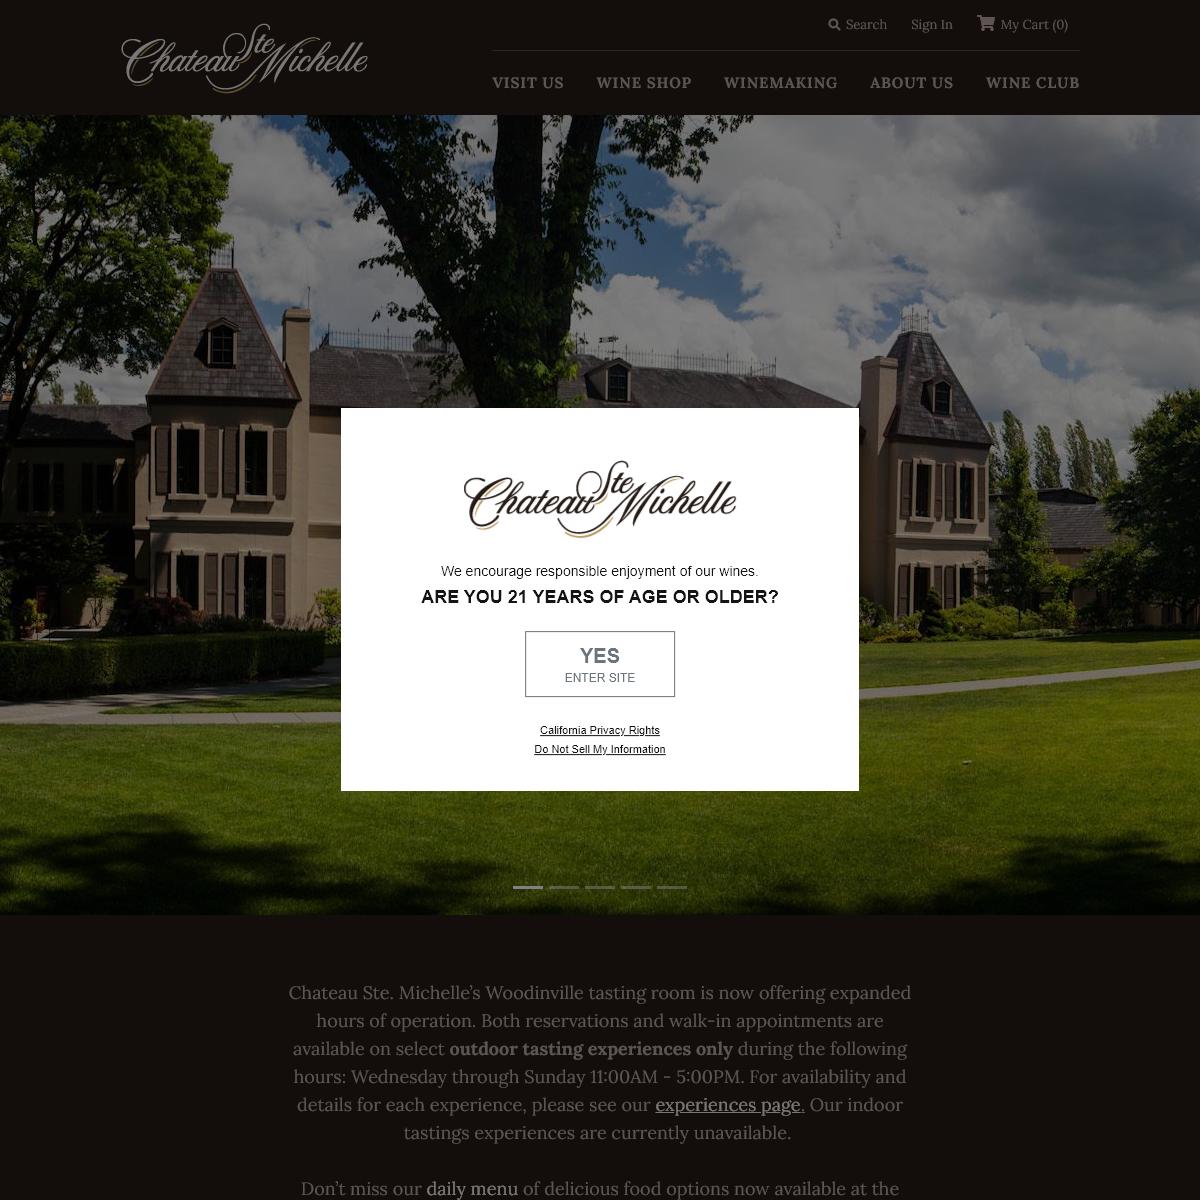 Chateau Ste. Michelle Winery Woodinville, Washington